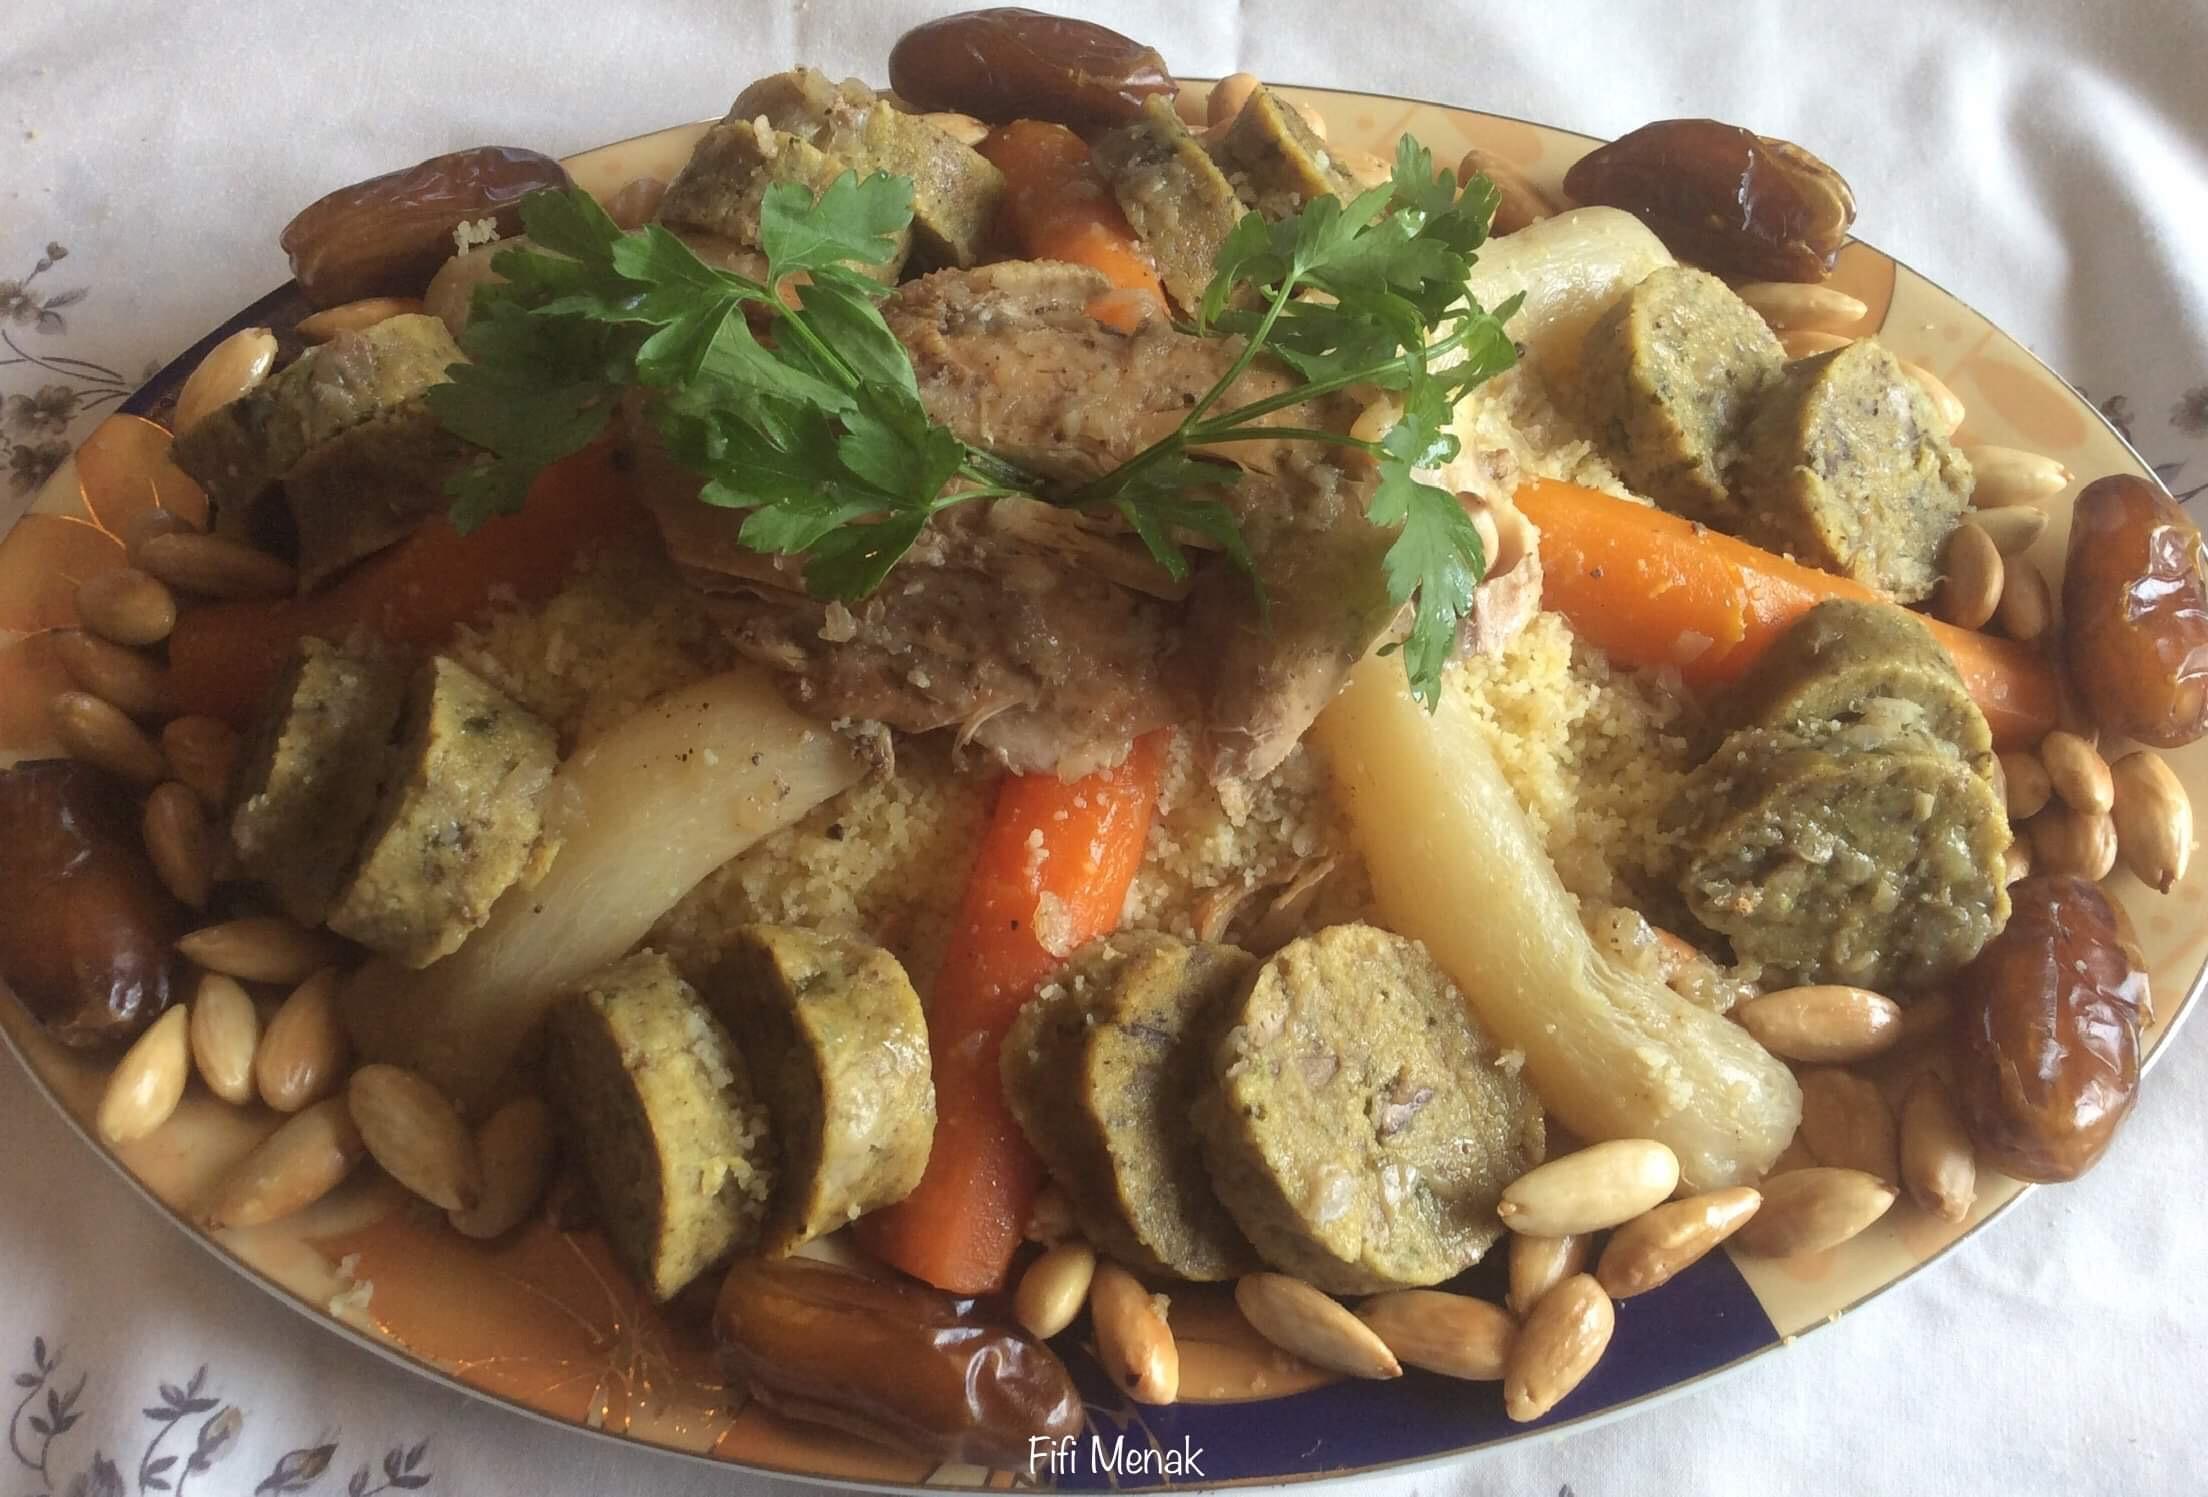 Couscous en sauce avec boudin au foie de volaille (Taam be taamir)